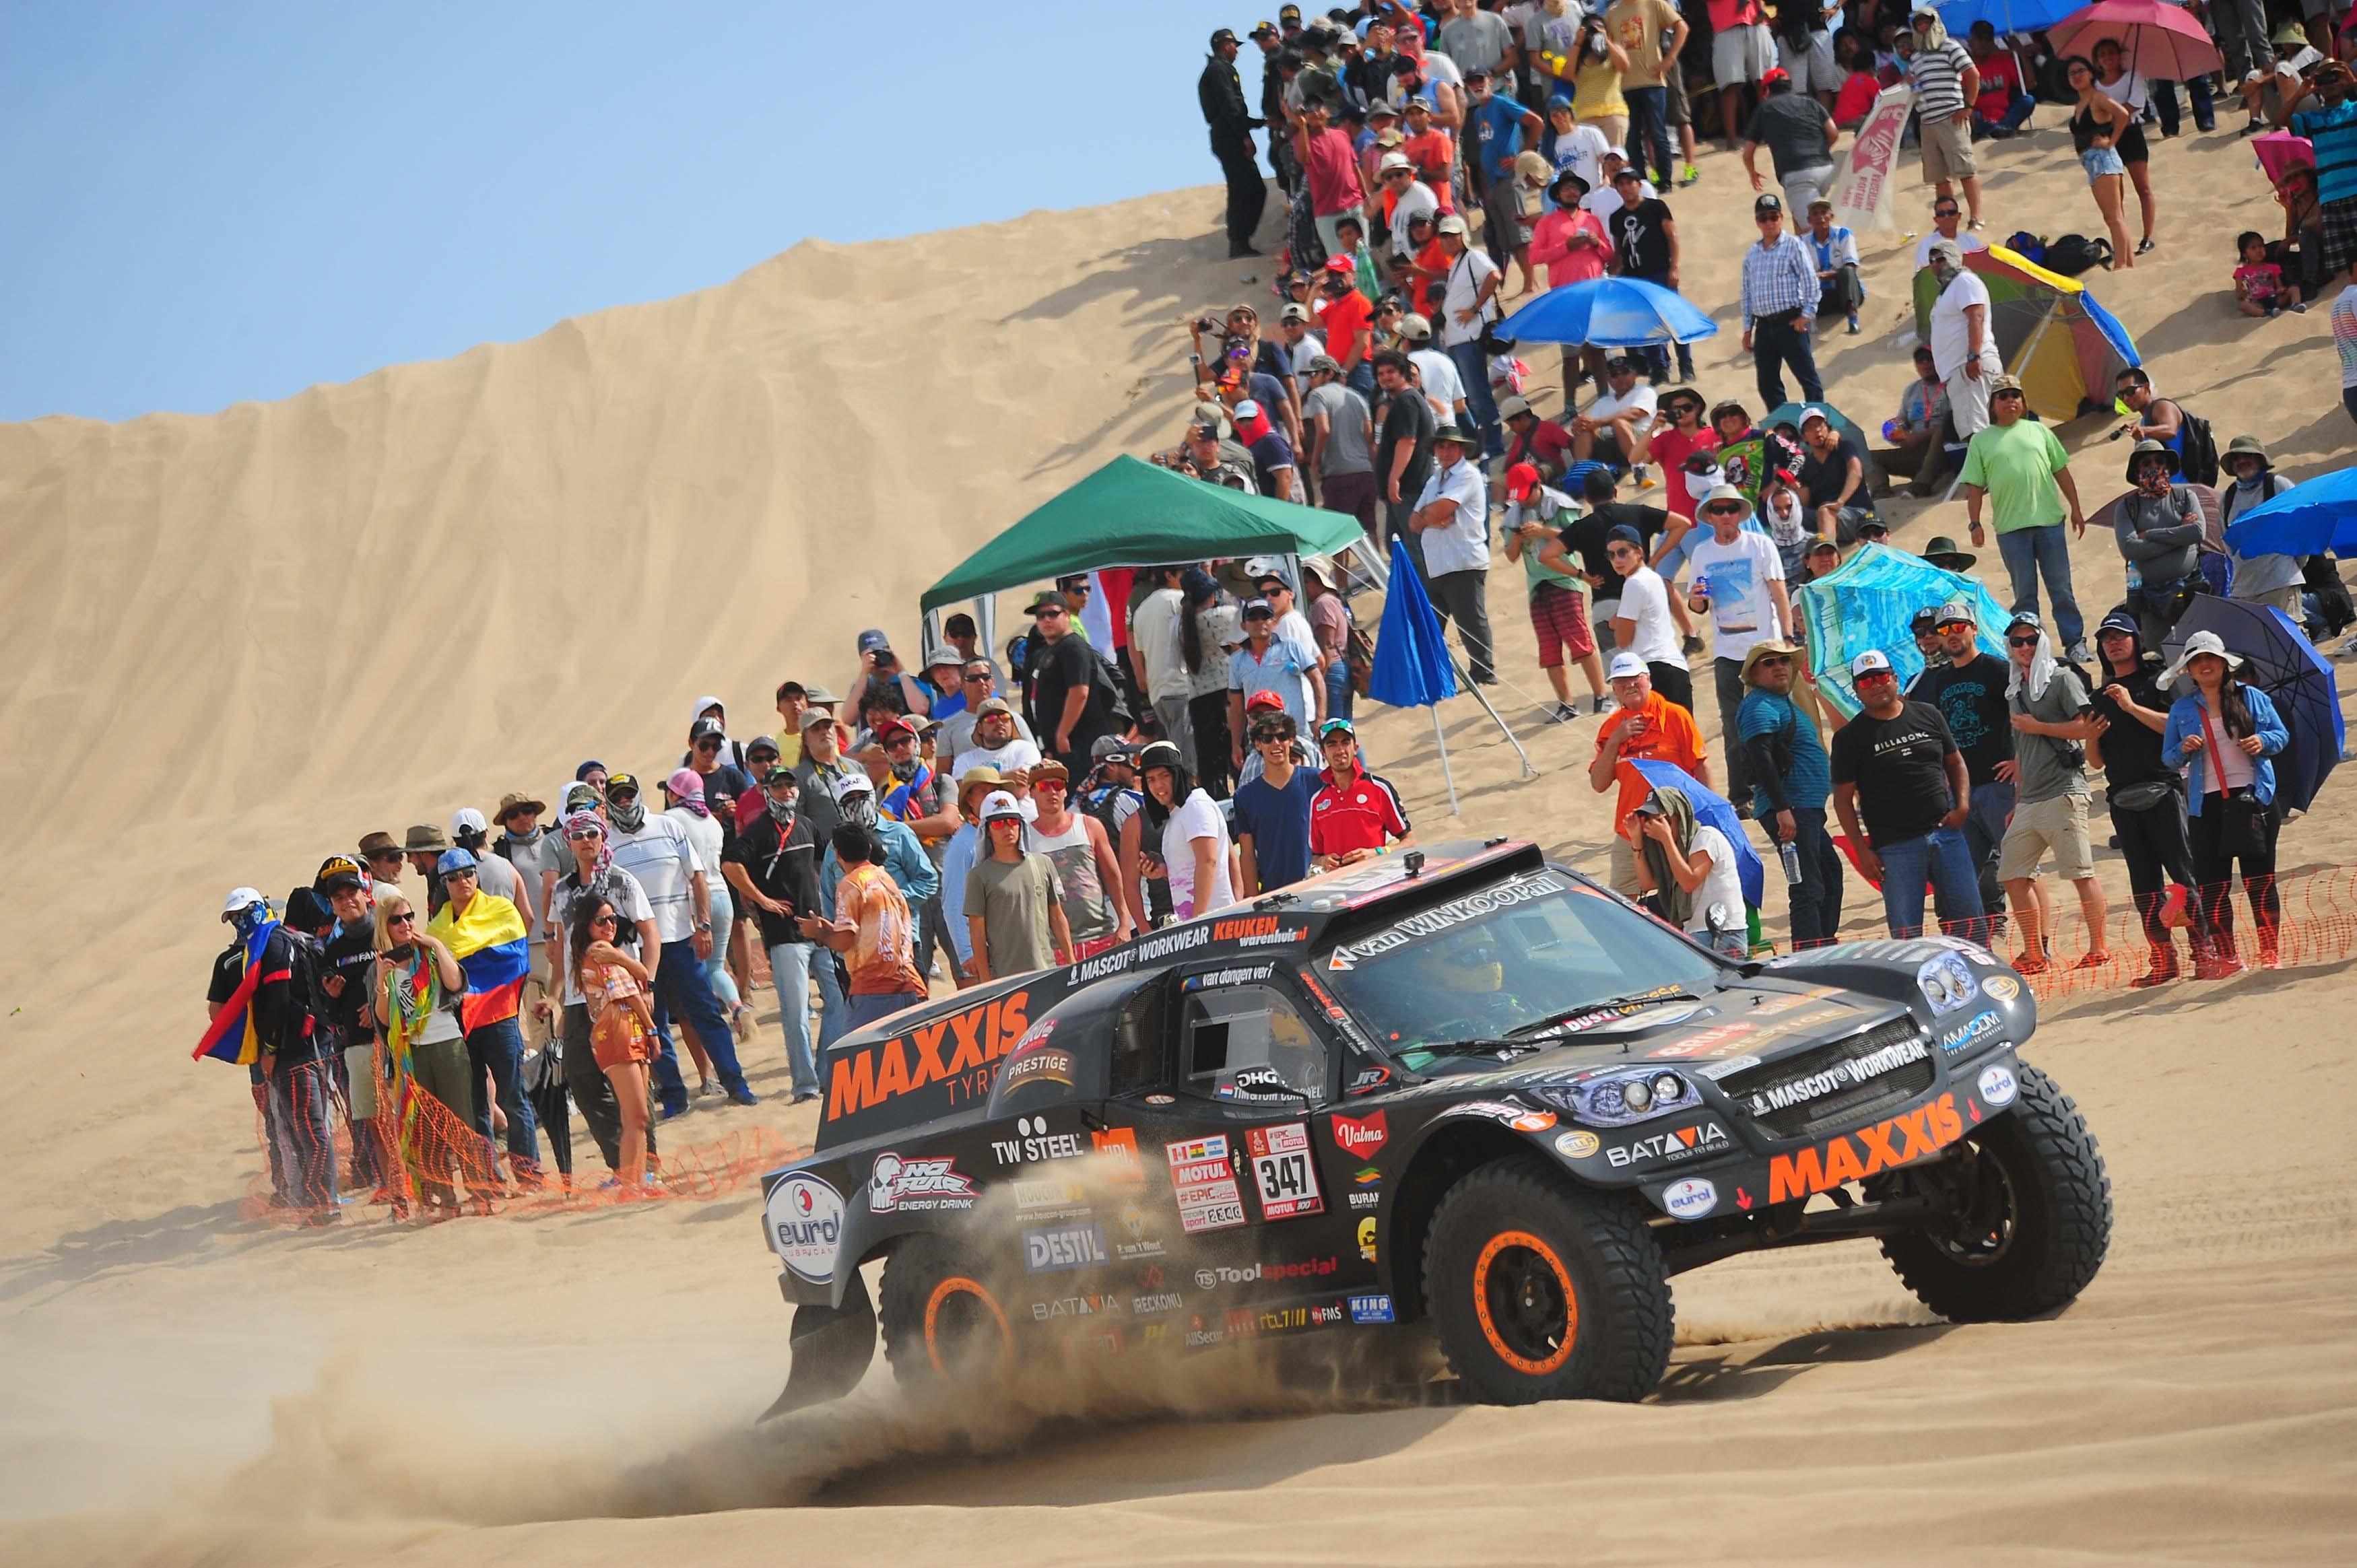 Tim en Tom Coronel kregen kleine problemen te verwerken in 1ste etappe - Dakar 2018